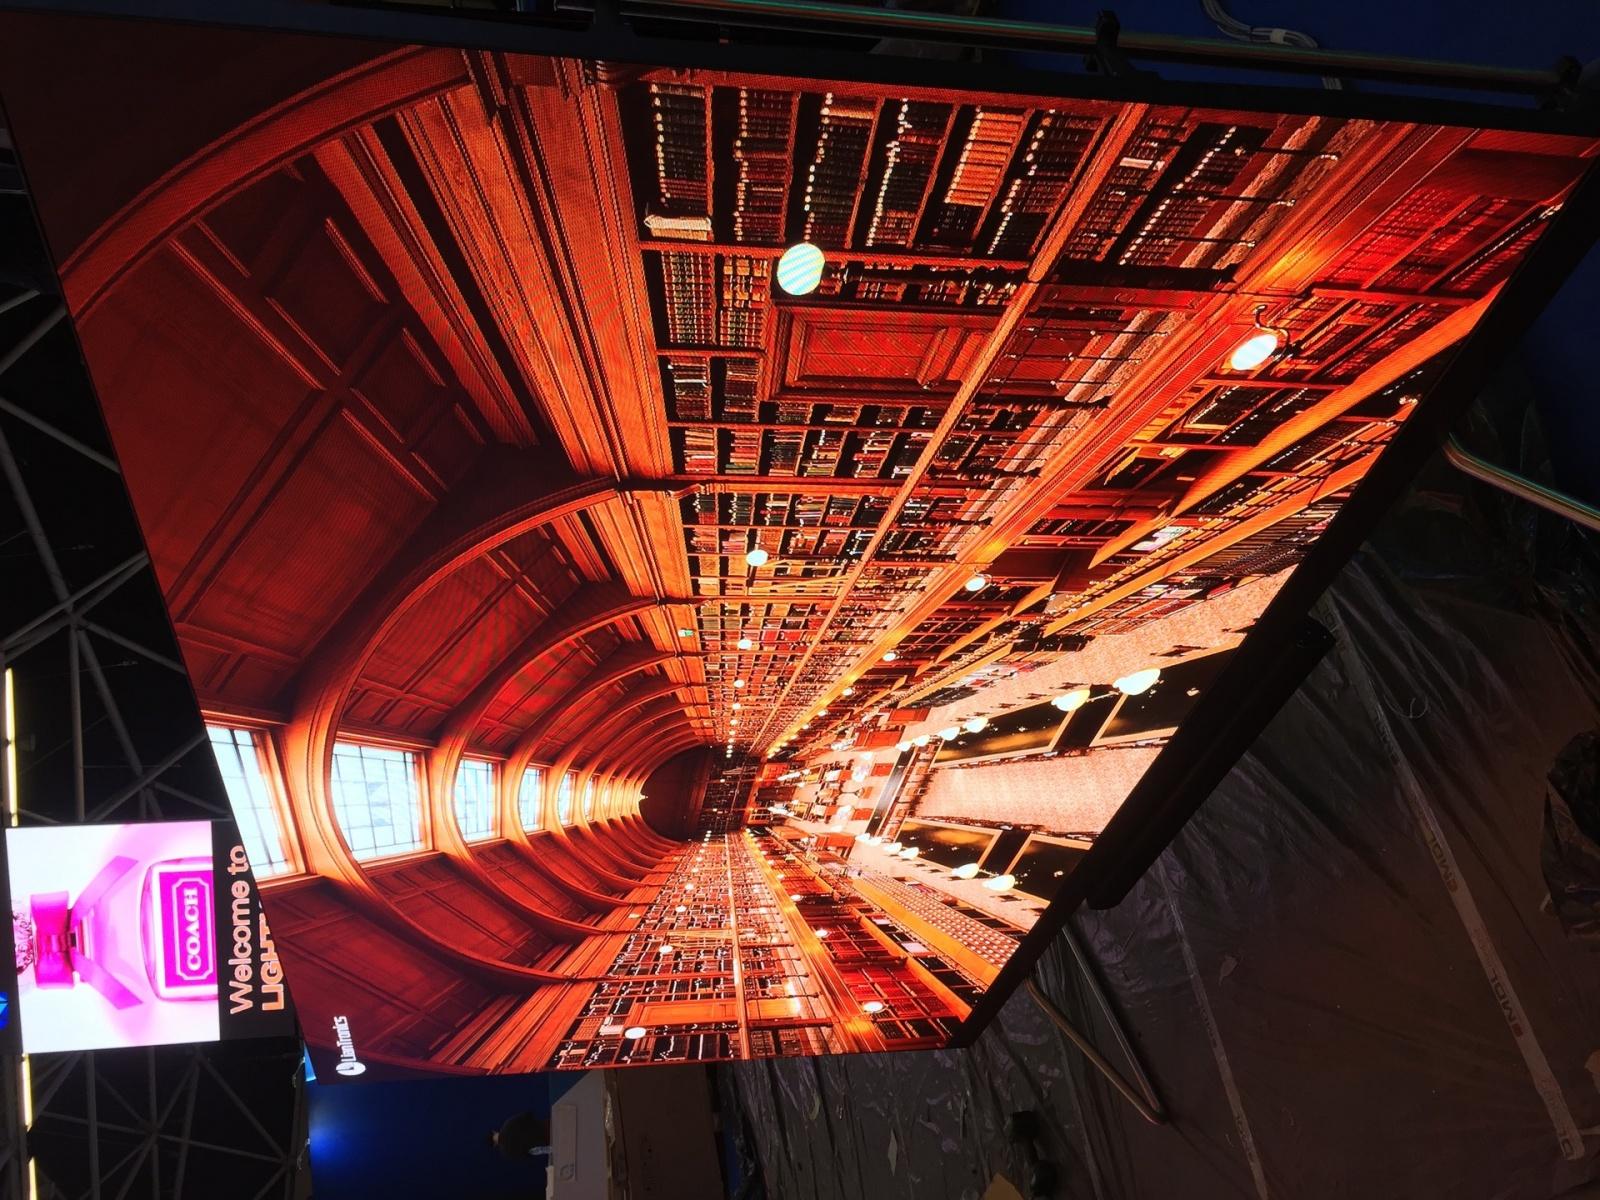 Что было на выставке ISE-2017 (средства отображения, светодиоды, софт для экранов) - 3